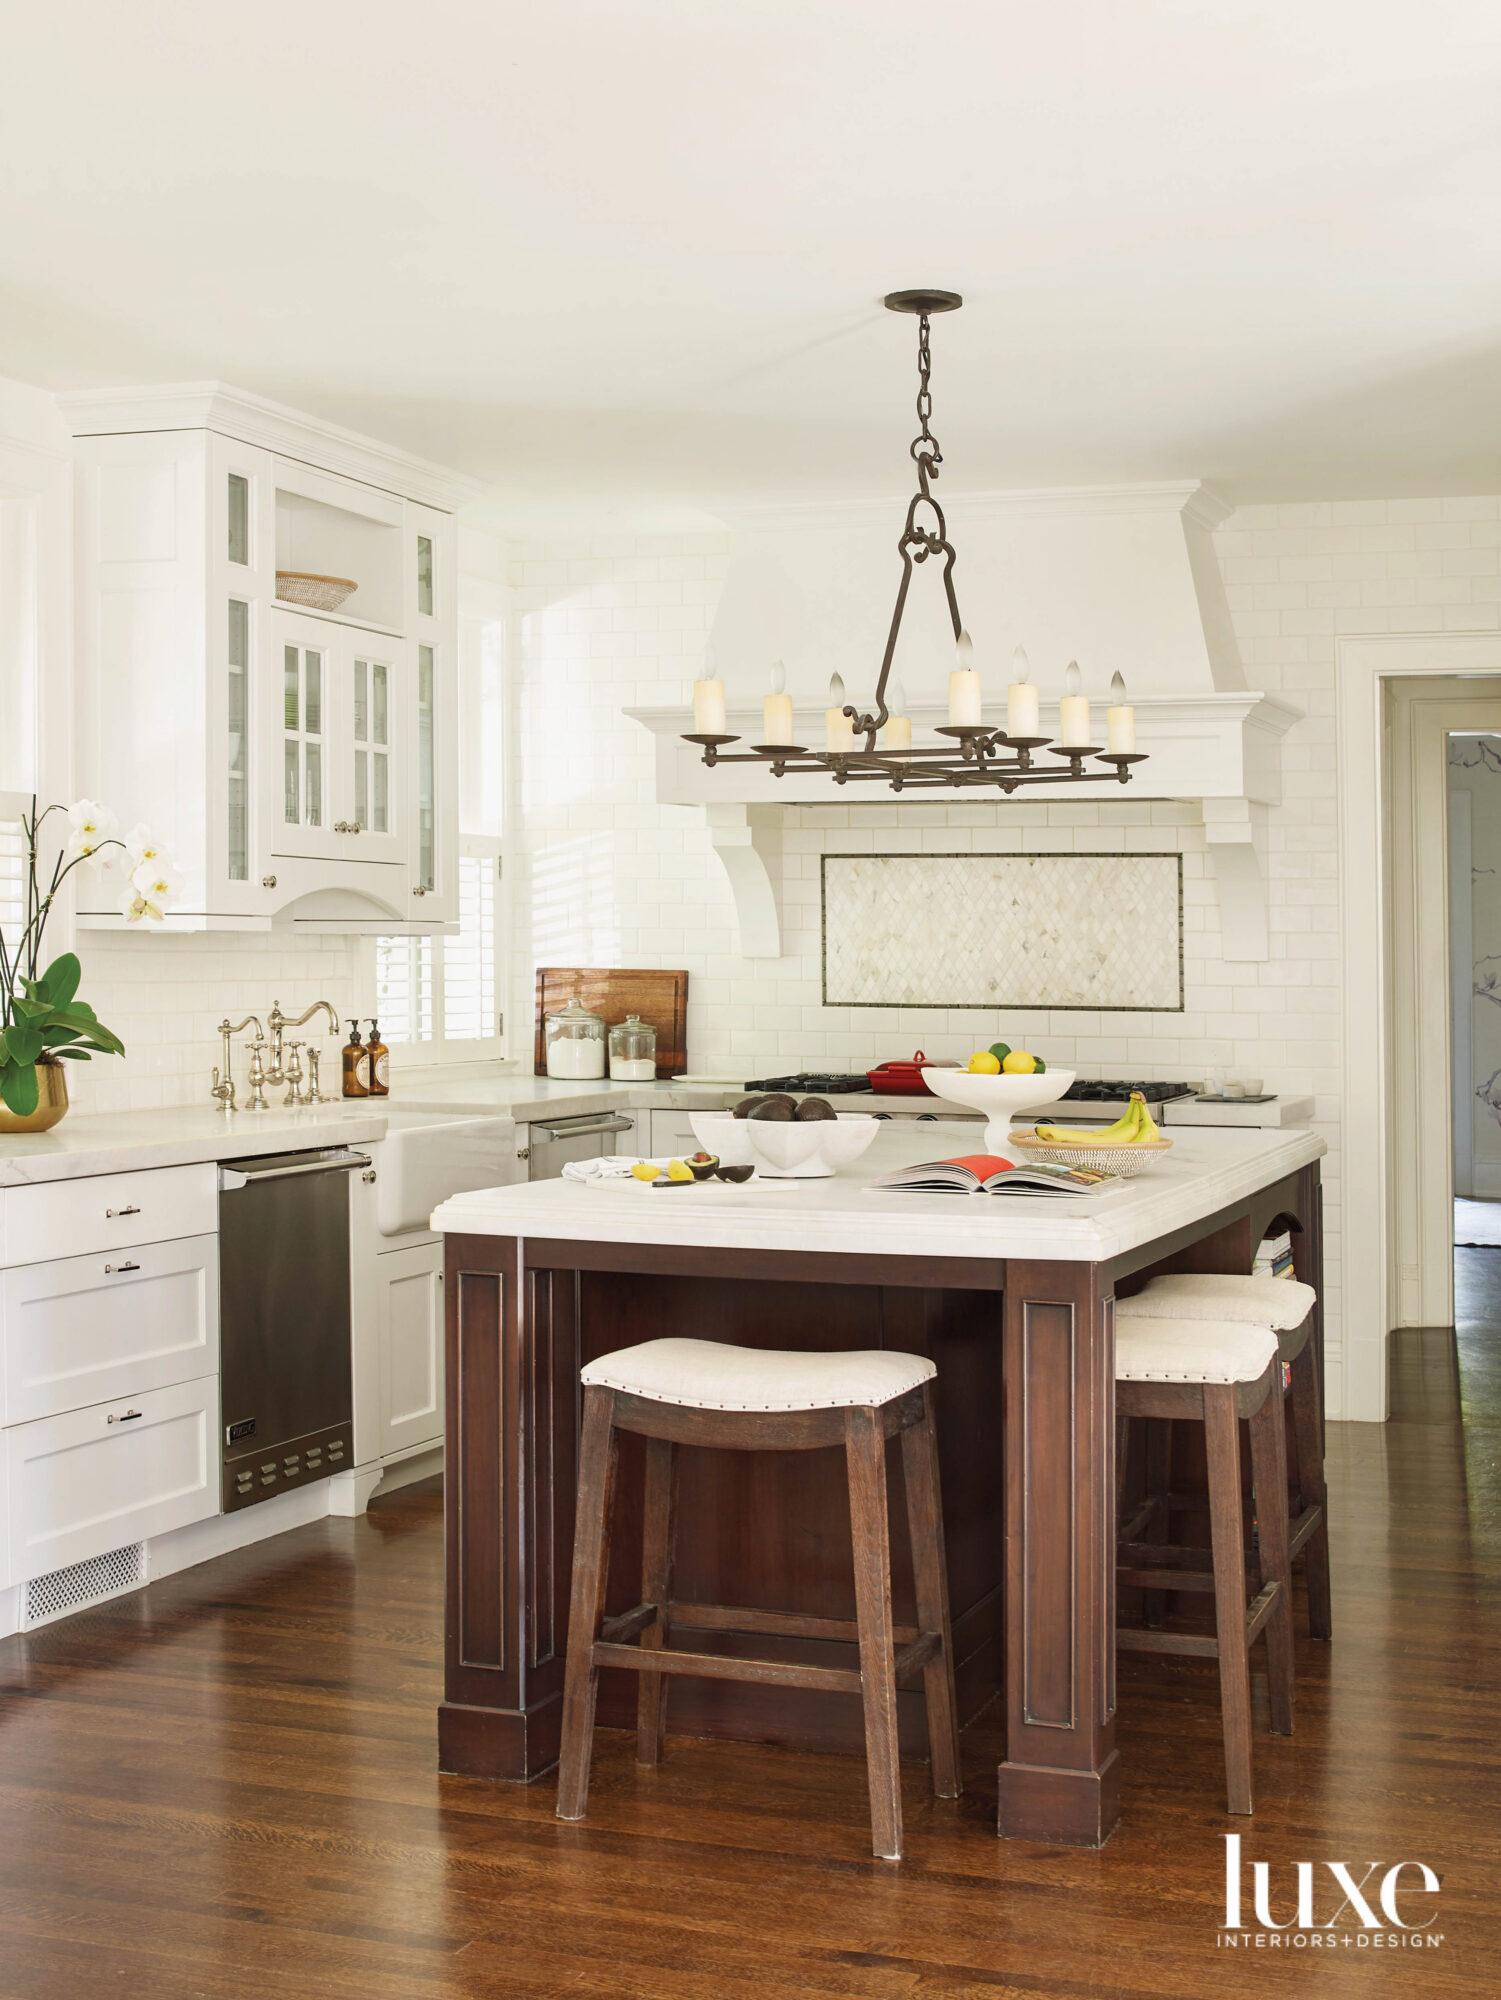 A white kitchen has a...